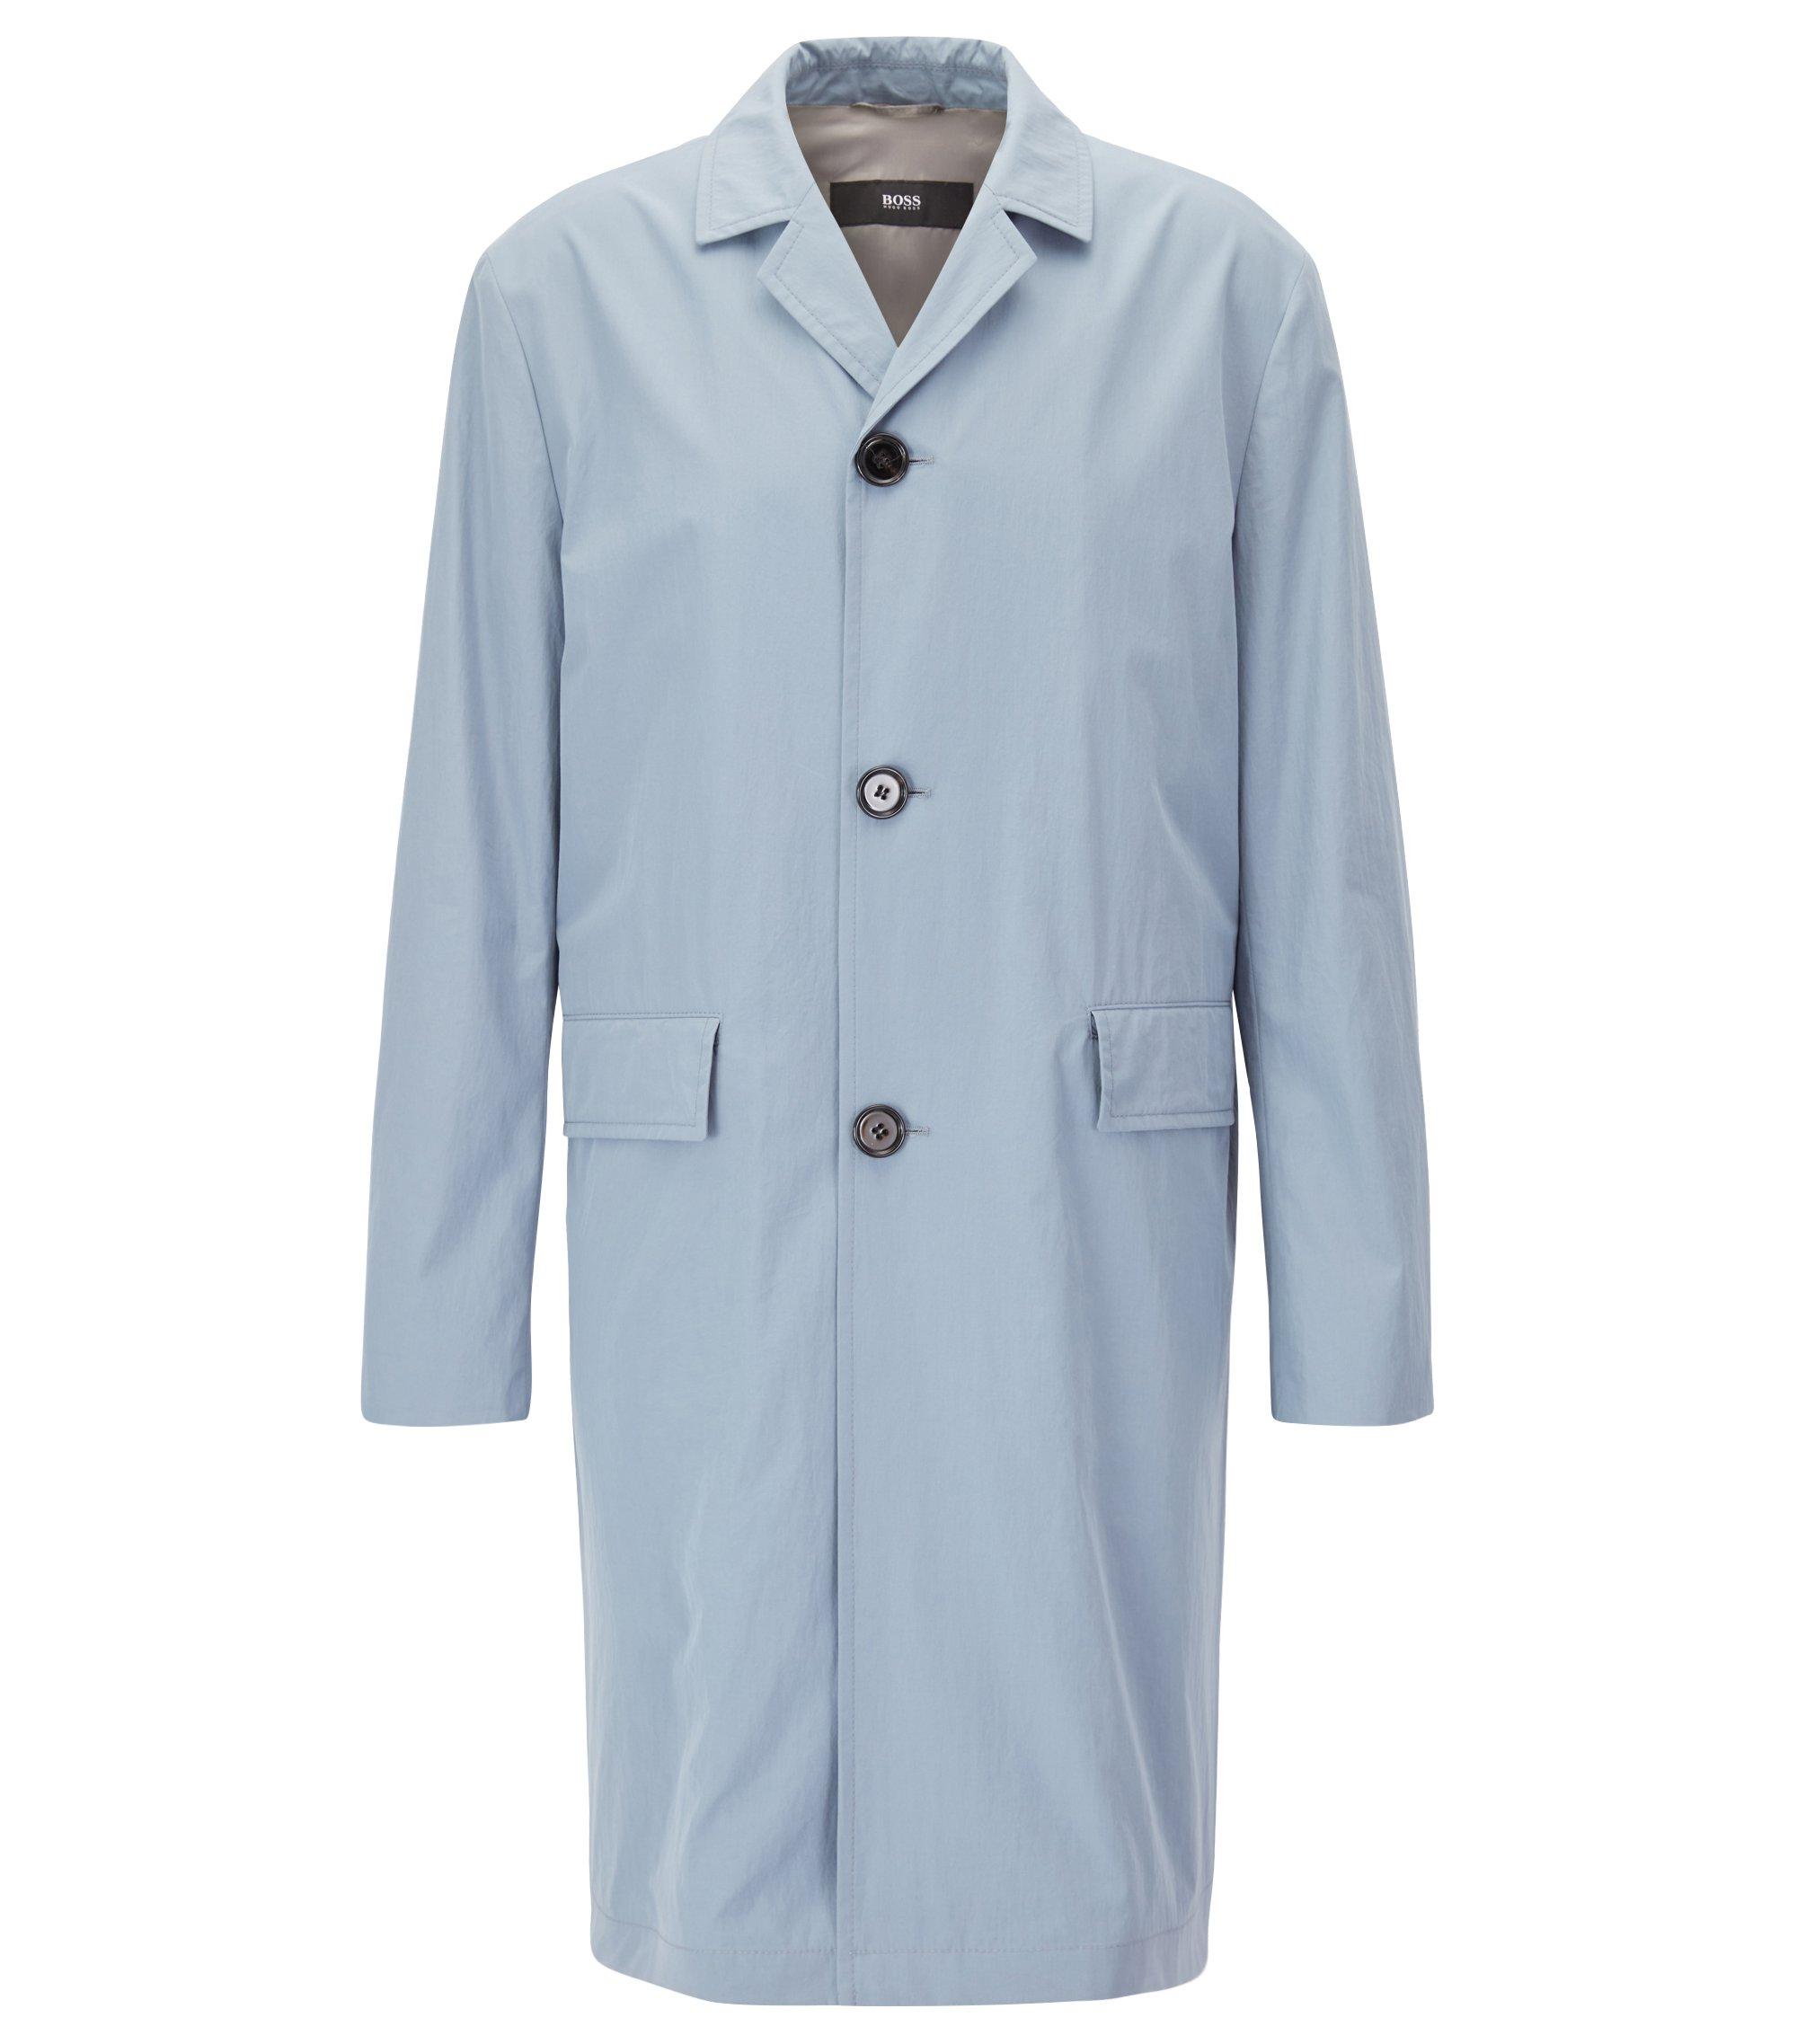 Mantel van lichte katoen met waterafstotende laag, Lichtgrijs